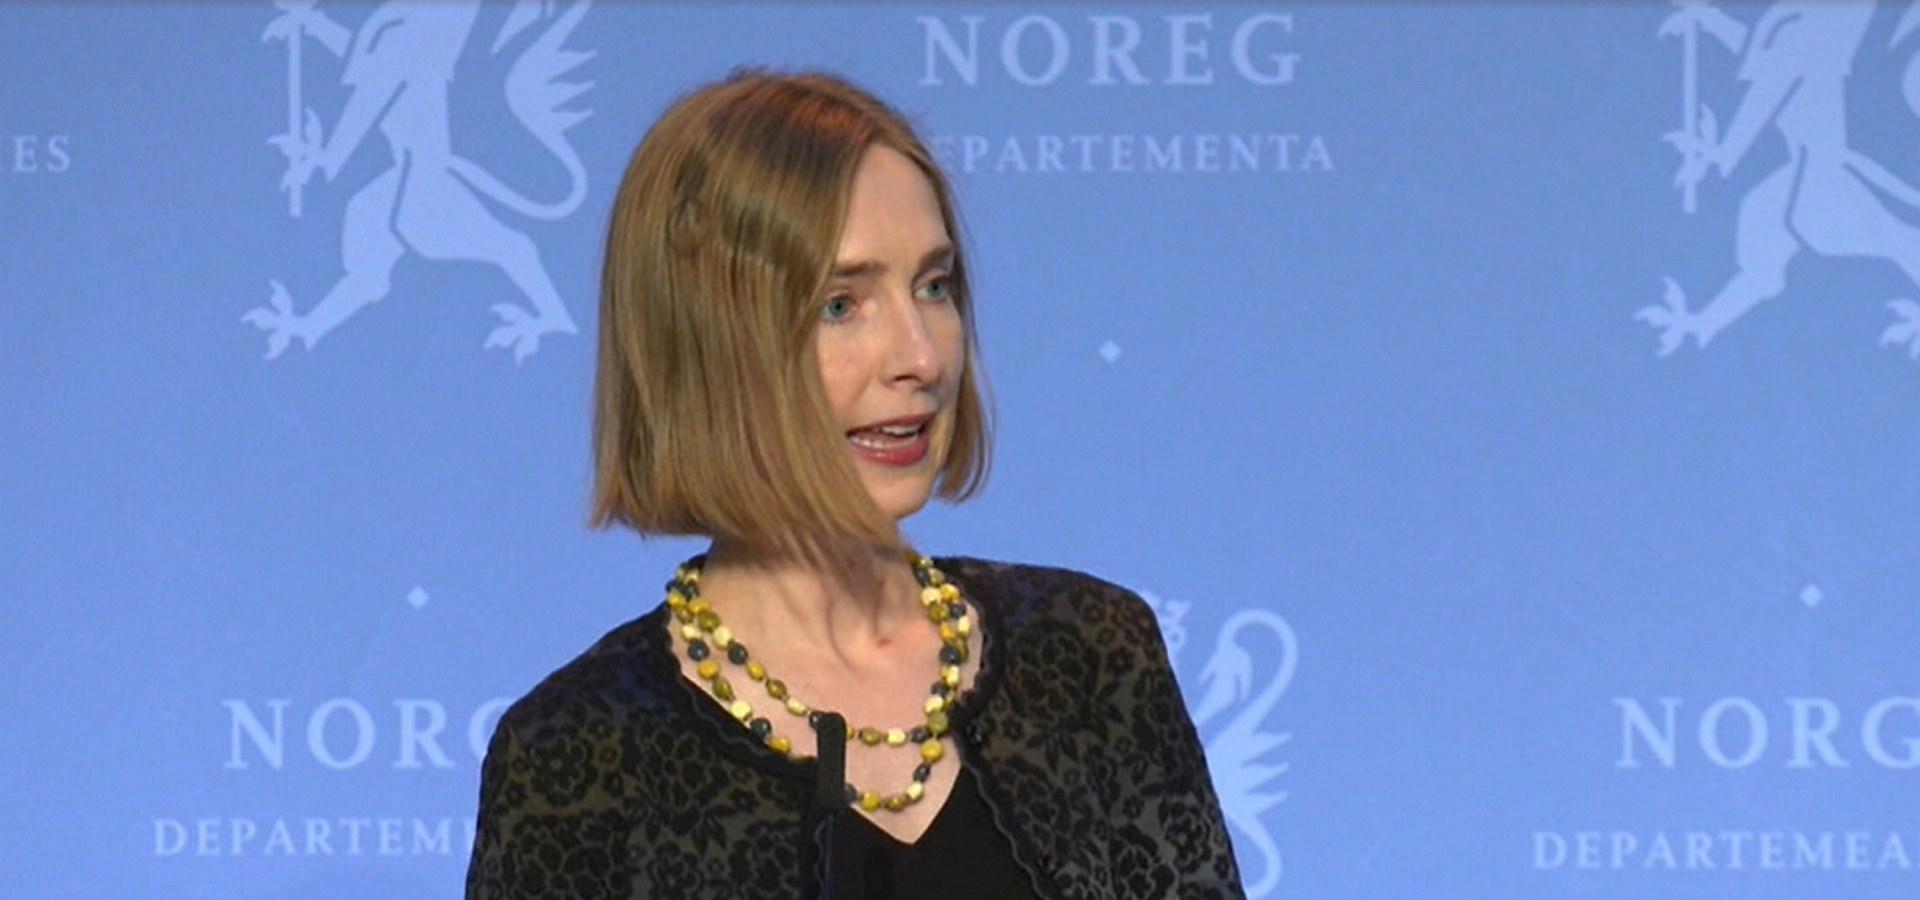 Næringsminister Iselin Nybø. Skjermdump fra regjeringen.no